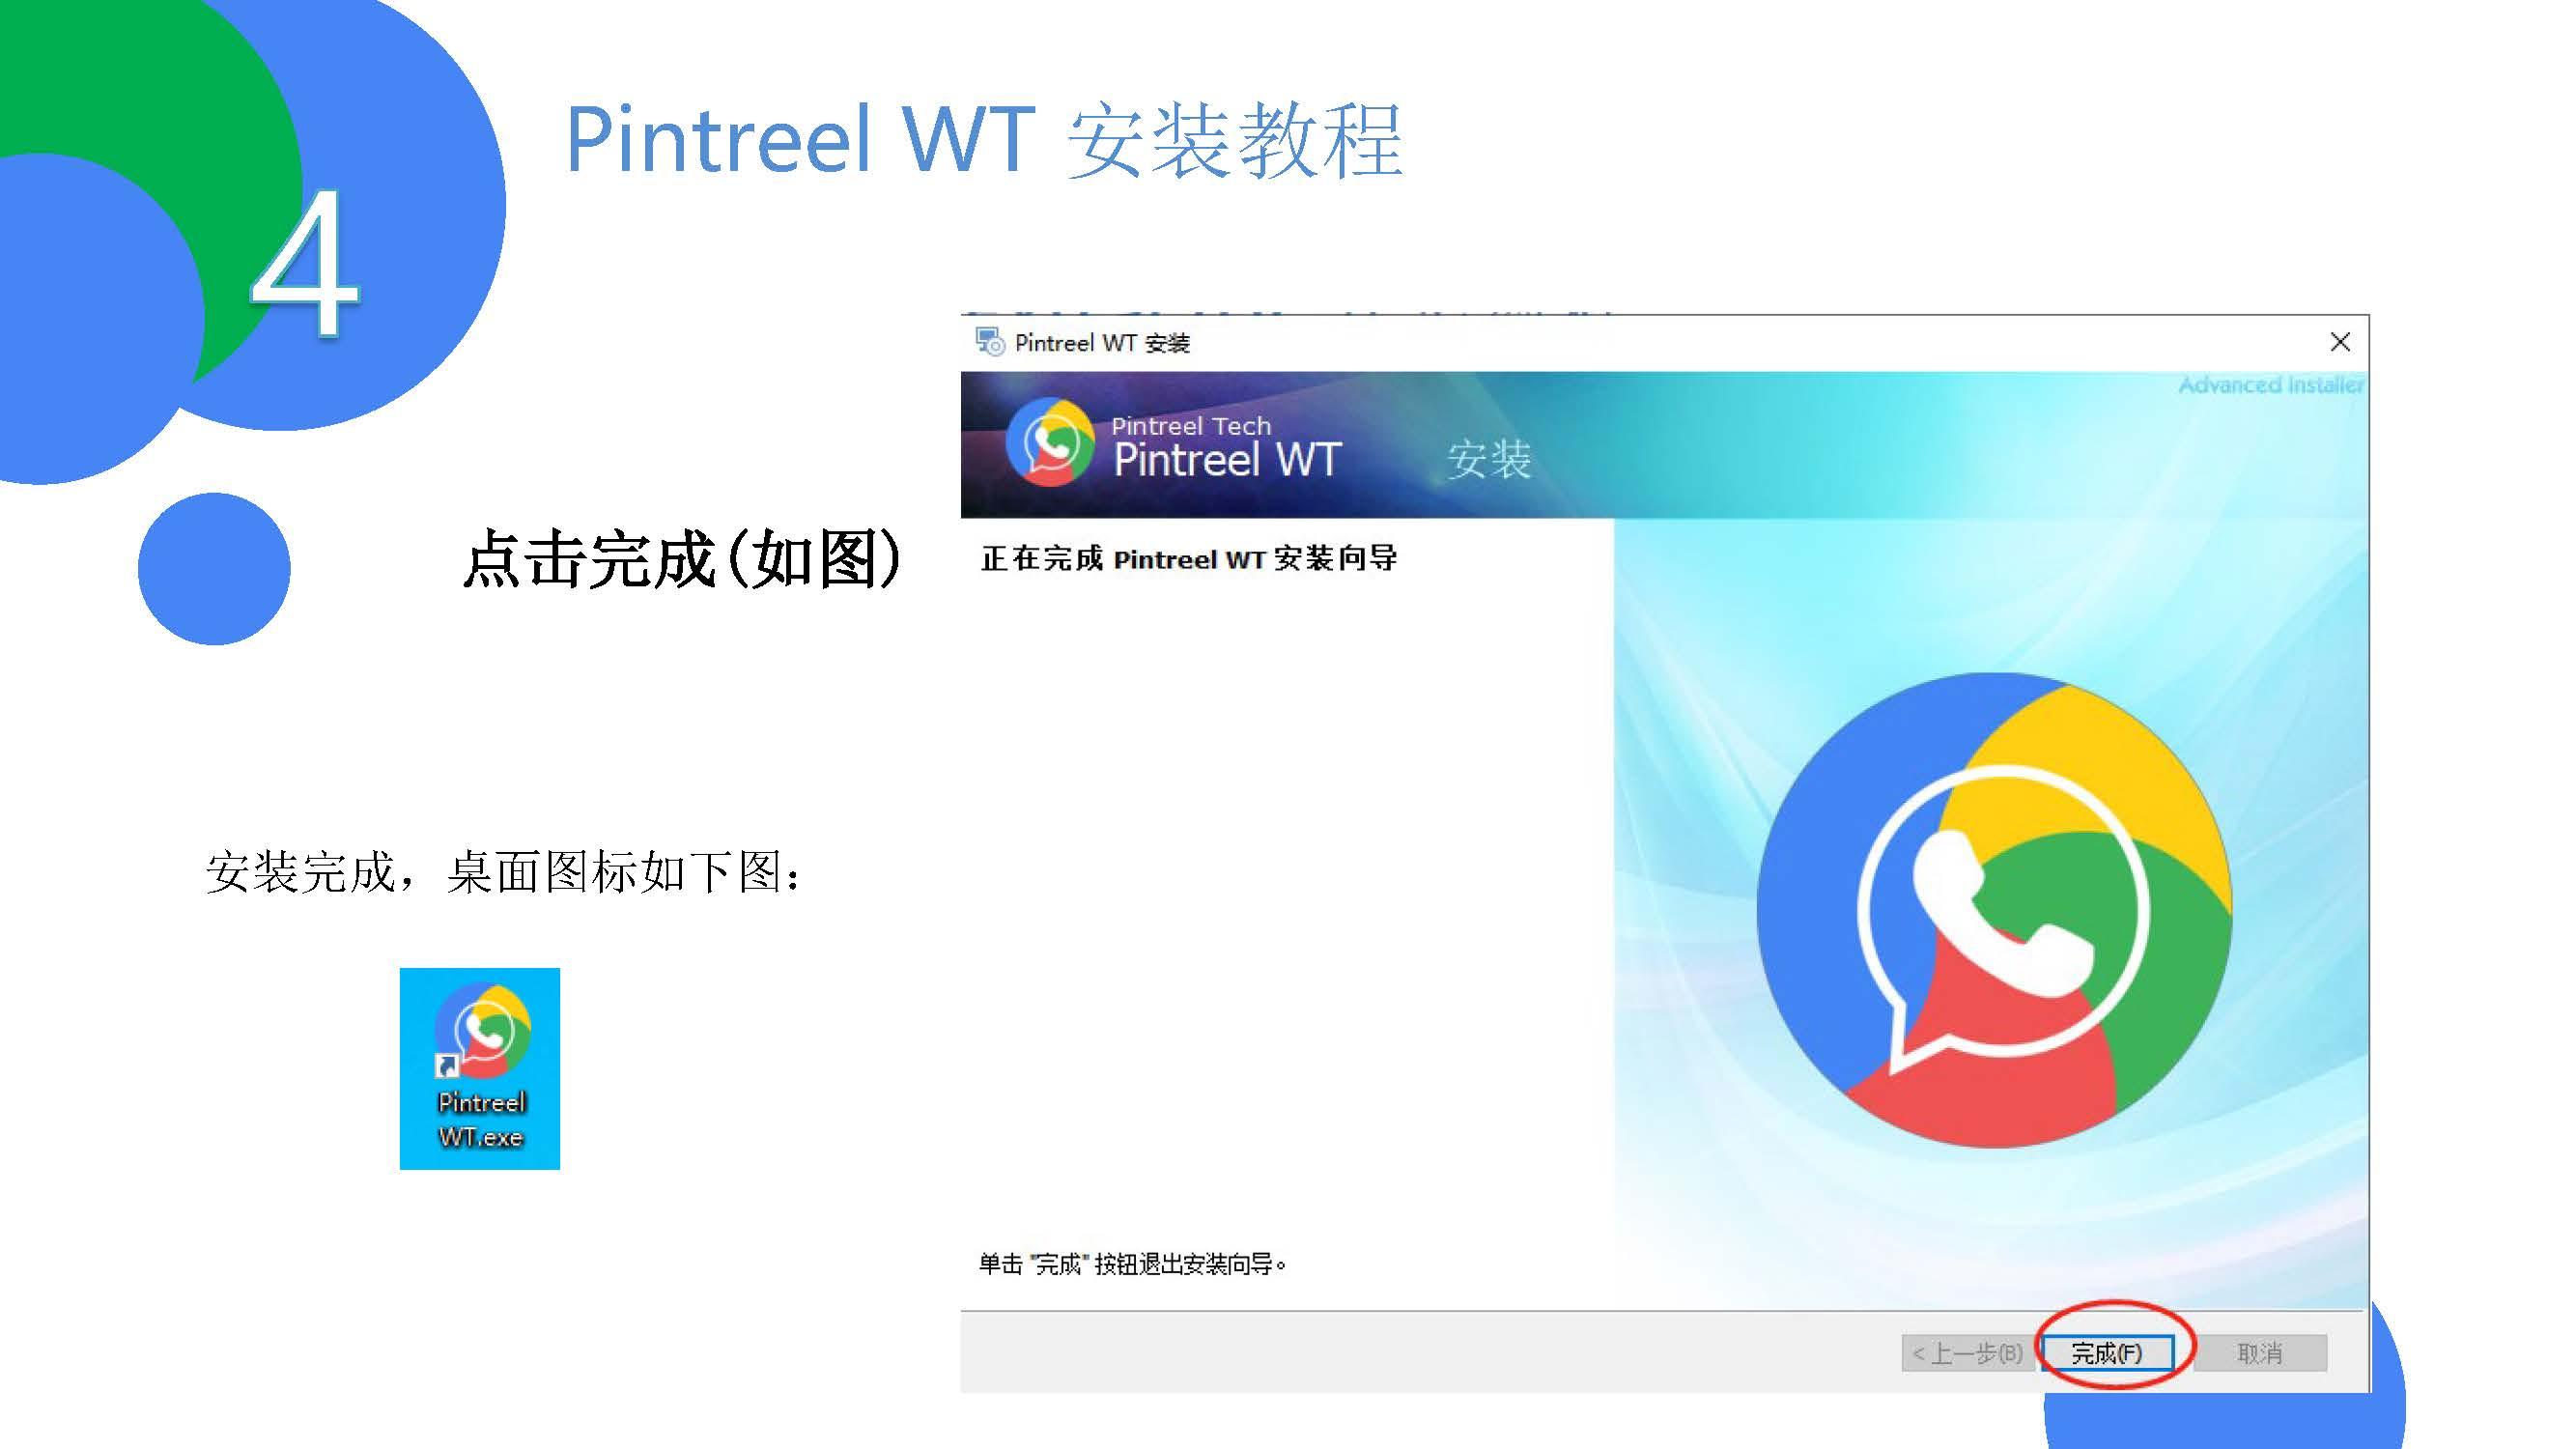 pintreel WT安装教程_页面_5